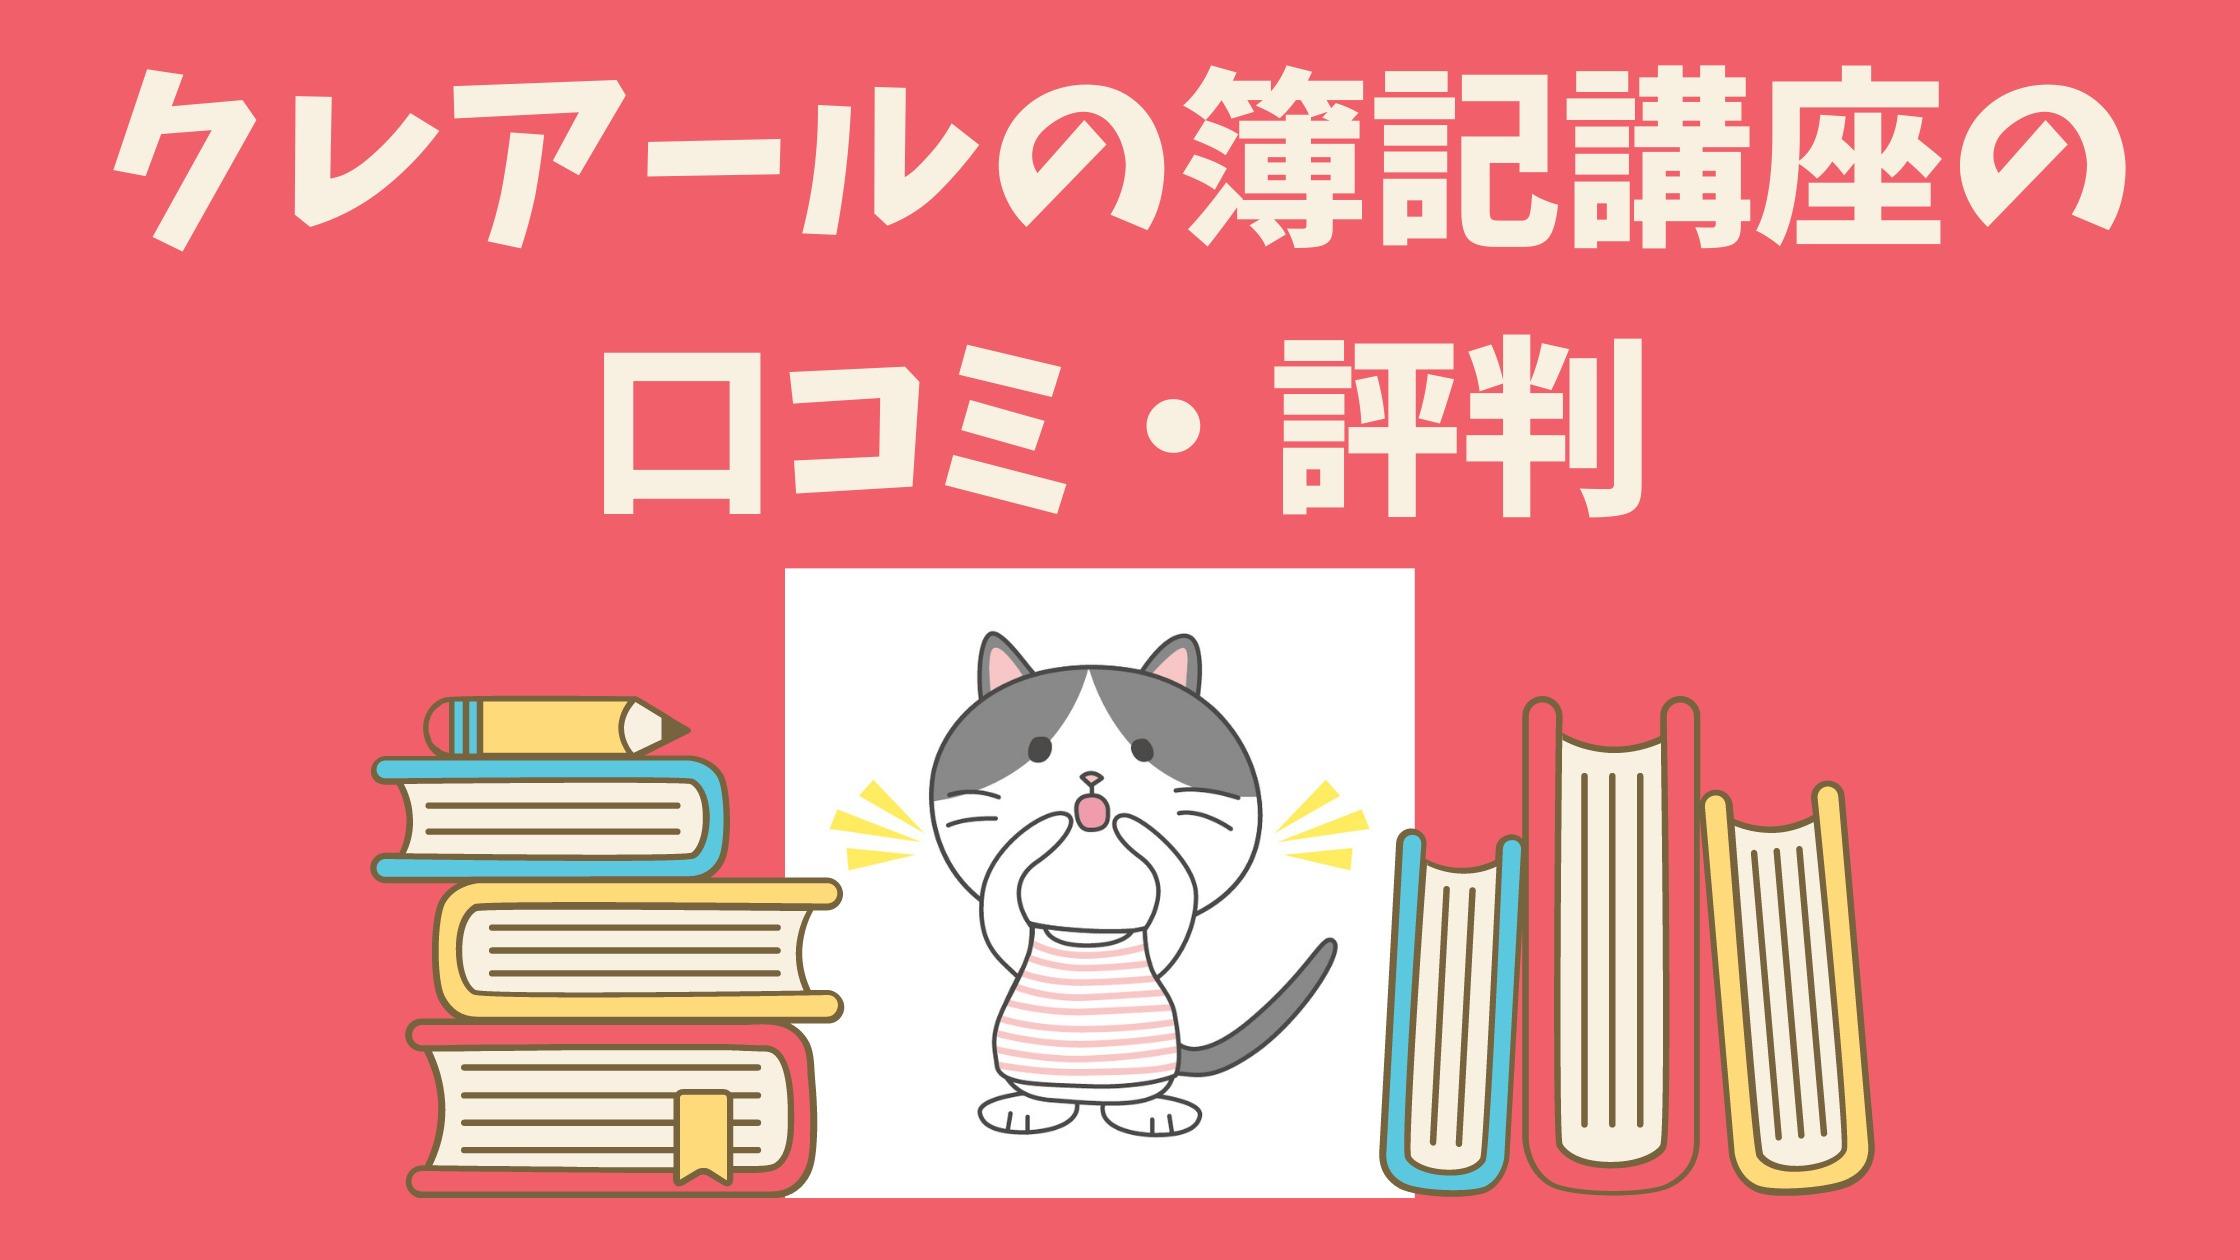 クレアール簿記講座の口コミ・評判